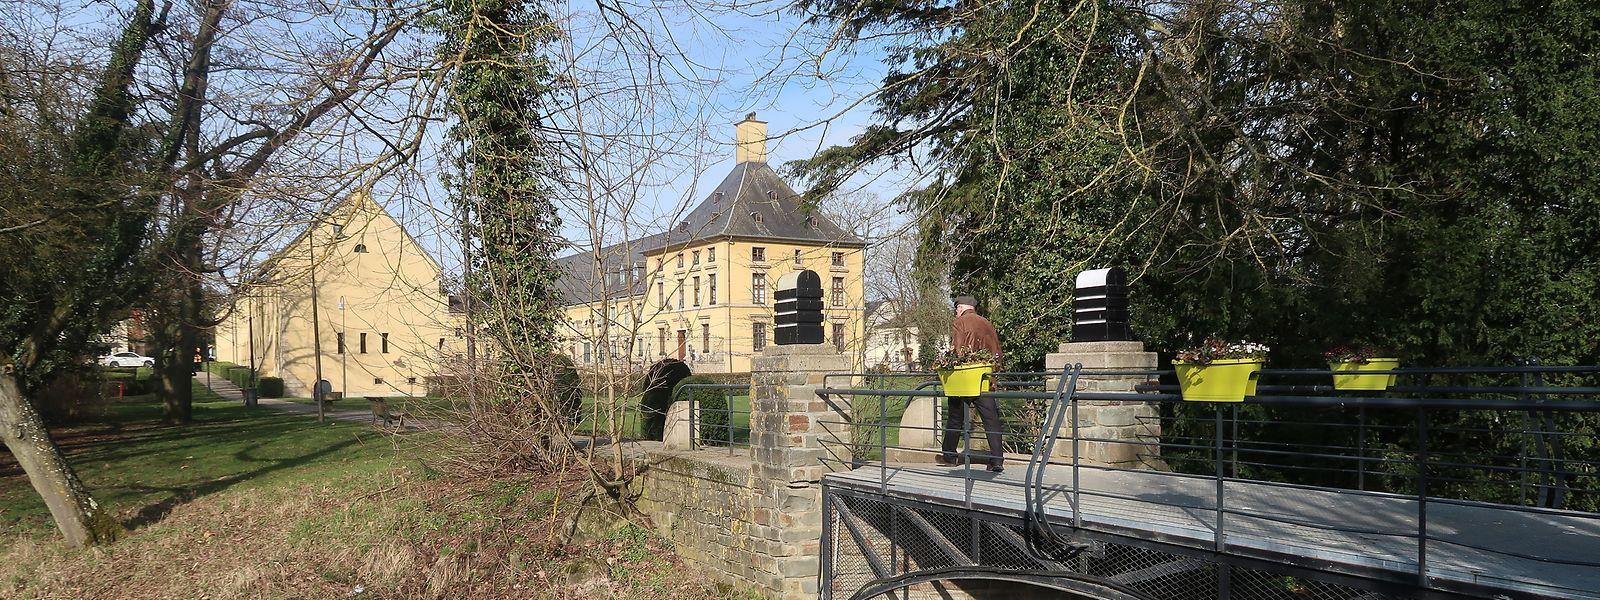 Der Gemeinderat Bettemburg ist besorgt um den Wasserverbrauch der geplanten Joghurtfabrik.